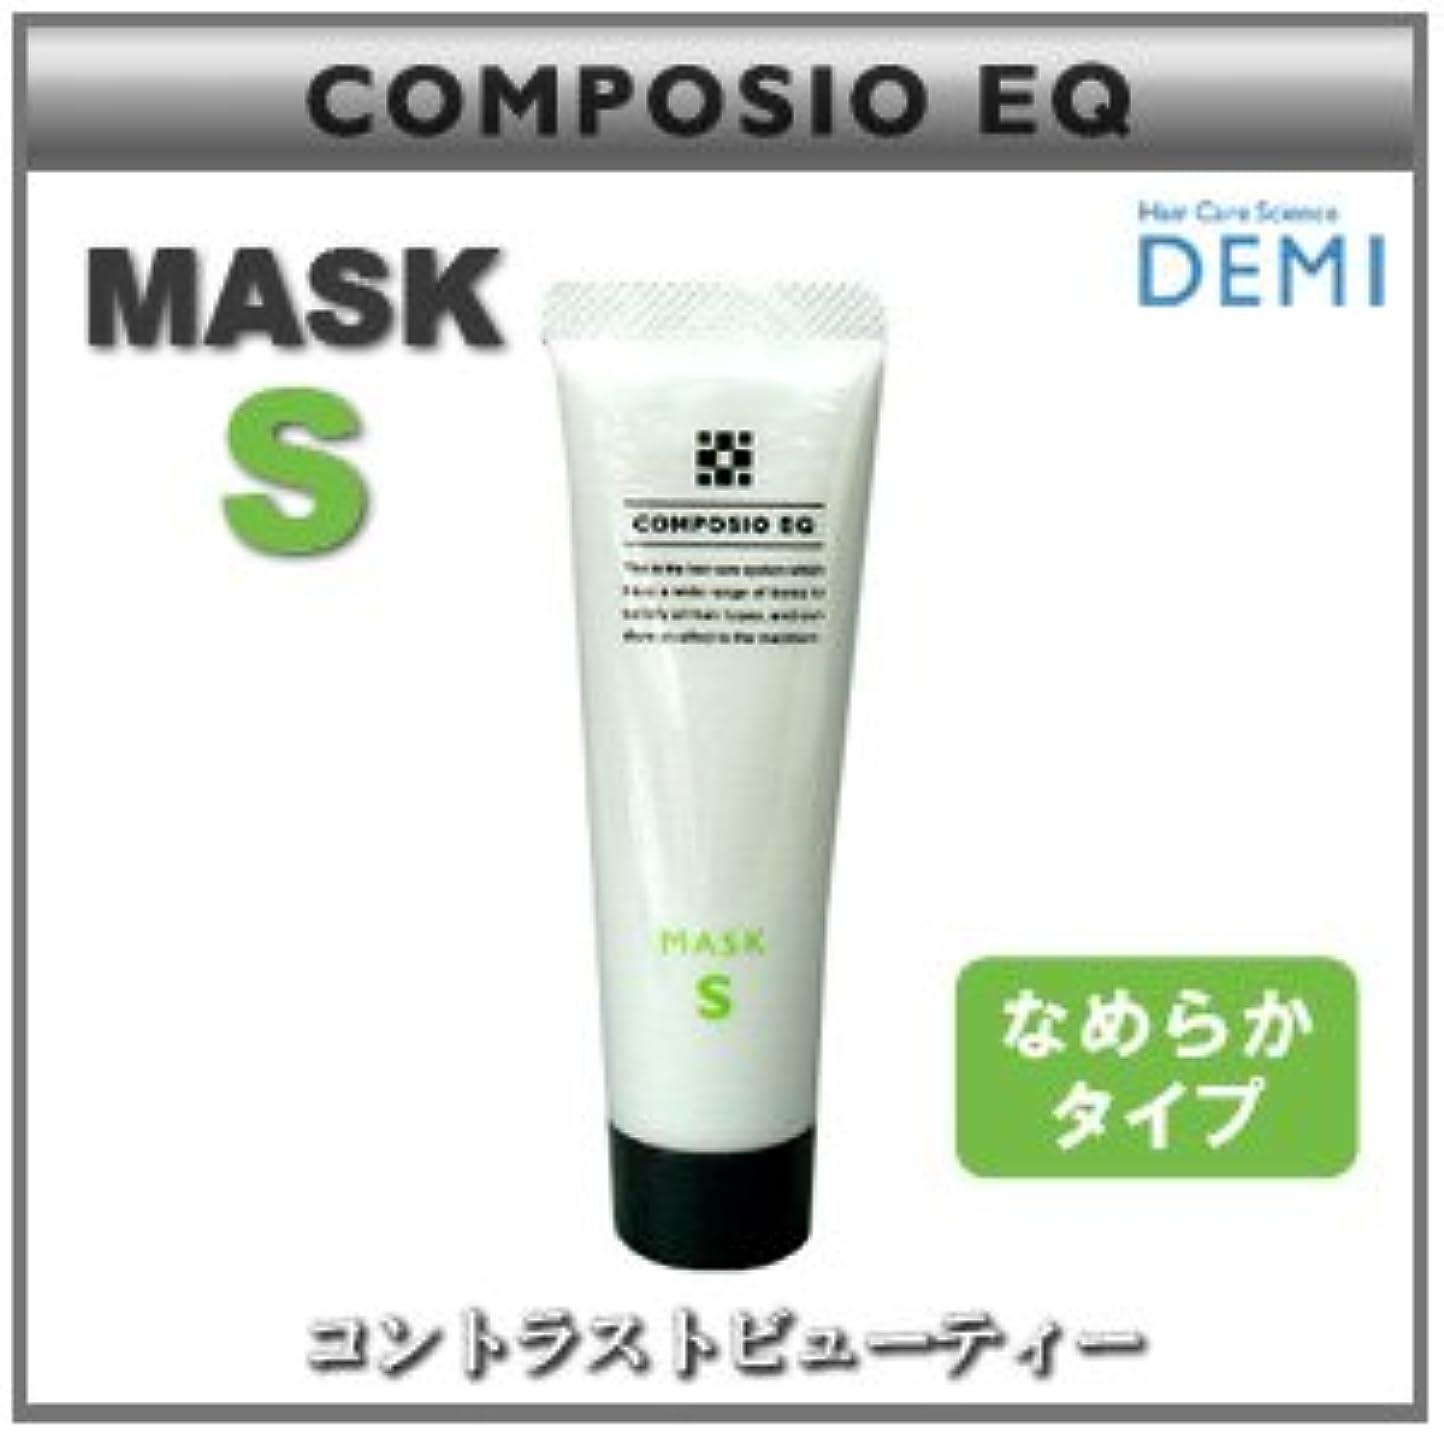 好意的クレデンシャル直径【X4個セット】 デミ コンポジオ EQ マスク S 50g